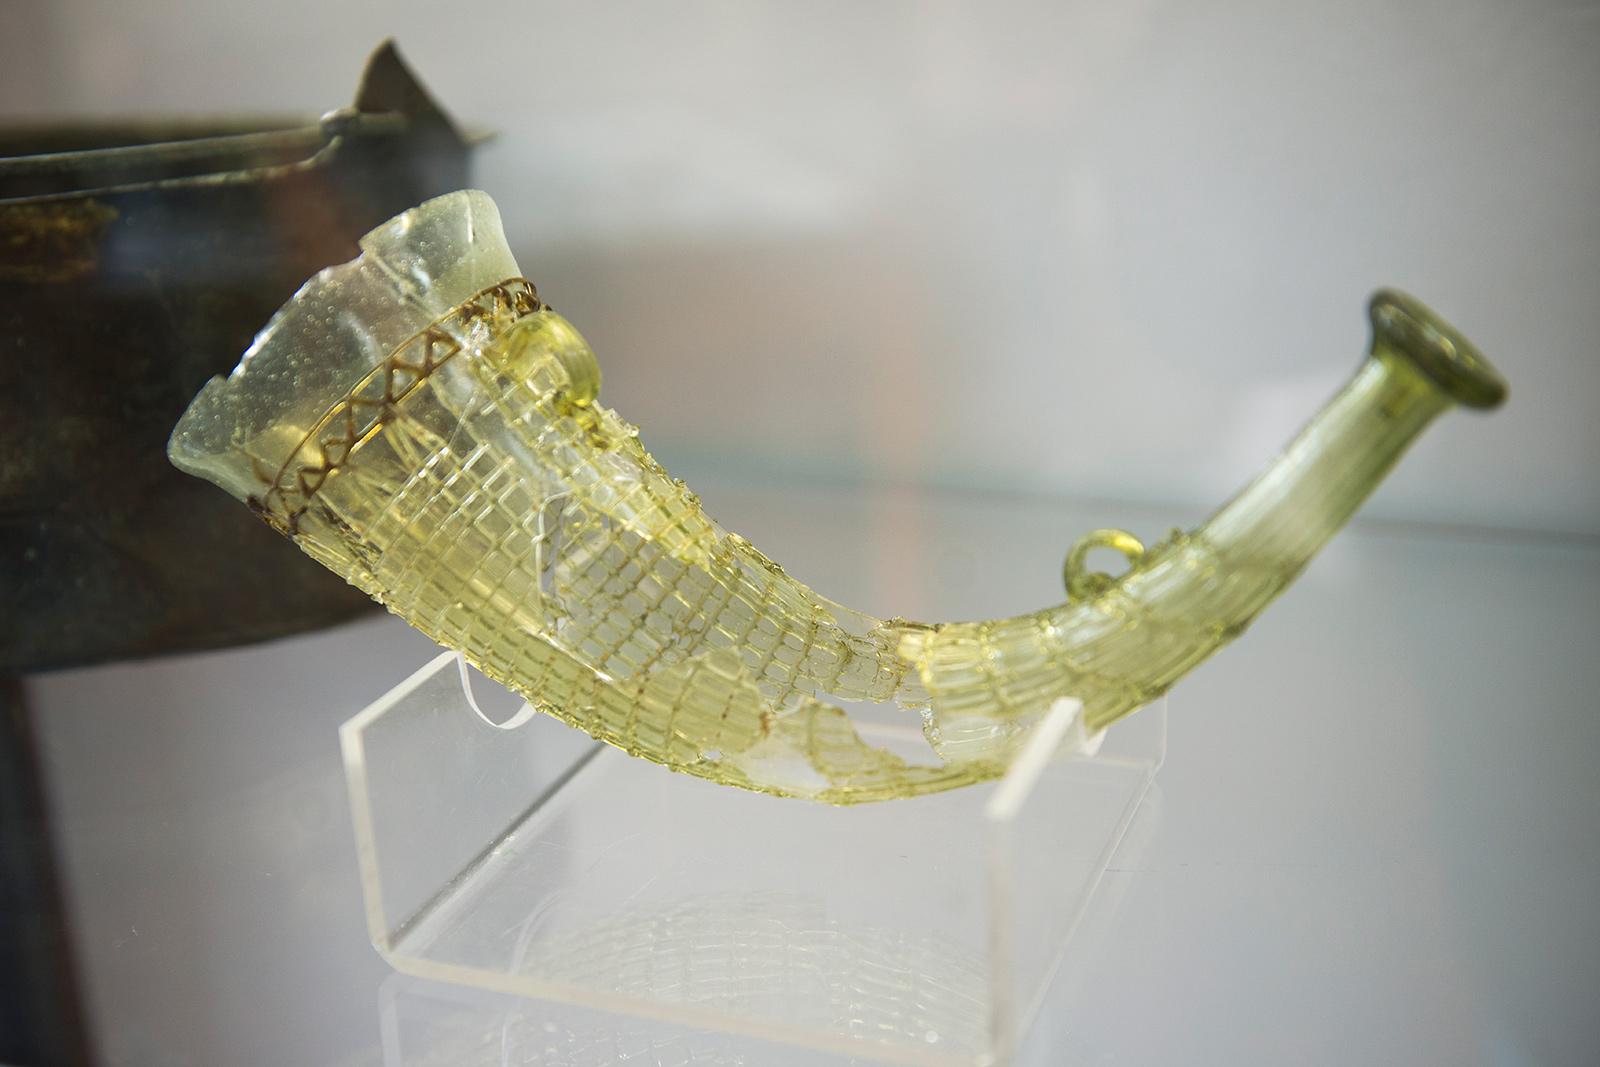 La corne à boire a été trouvée dans une tombe du cimetière de Samson, nécropole d'environ 250 tombes dont l'utilisation s'étend sans interruption de la fin de l'époque romaine (seconde moitié du IV e S.) jusque dans le courant de l'époque mérovingienne (fin du VI e S.). Musée Archéologique de Namur - Belgique